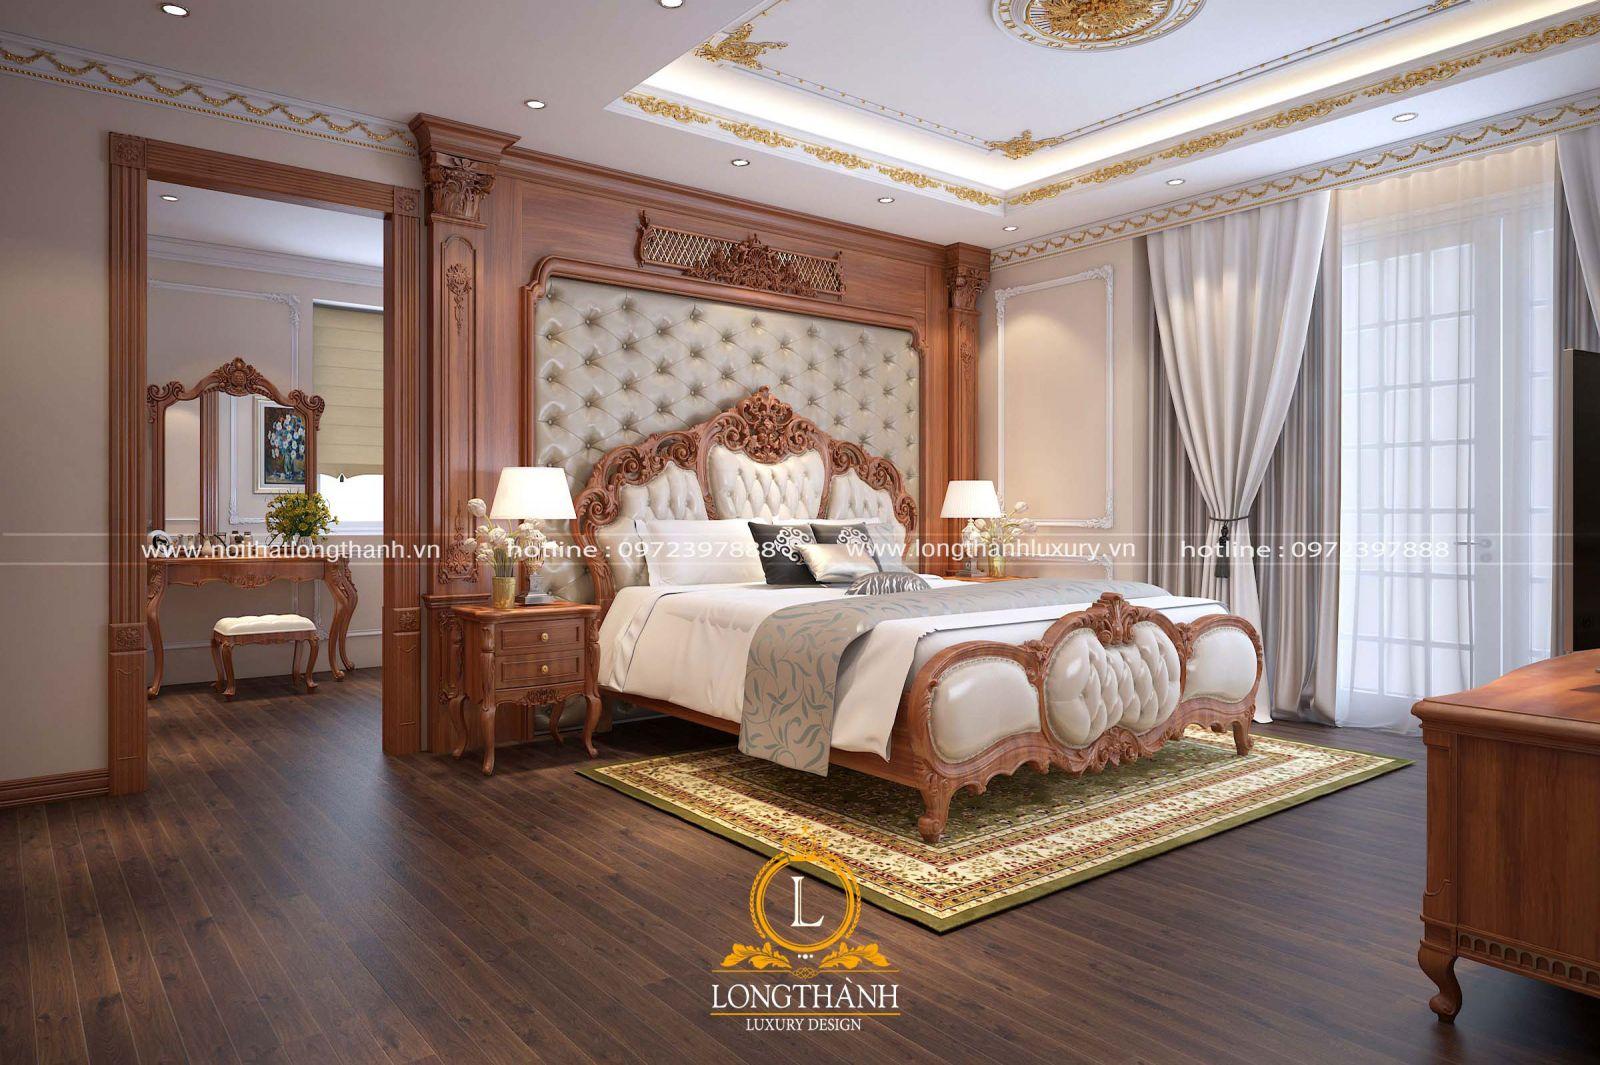 Trang trí nội thất phòng ngủ cao cấp cho không gian rộng